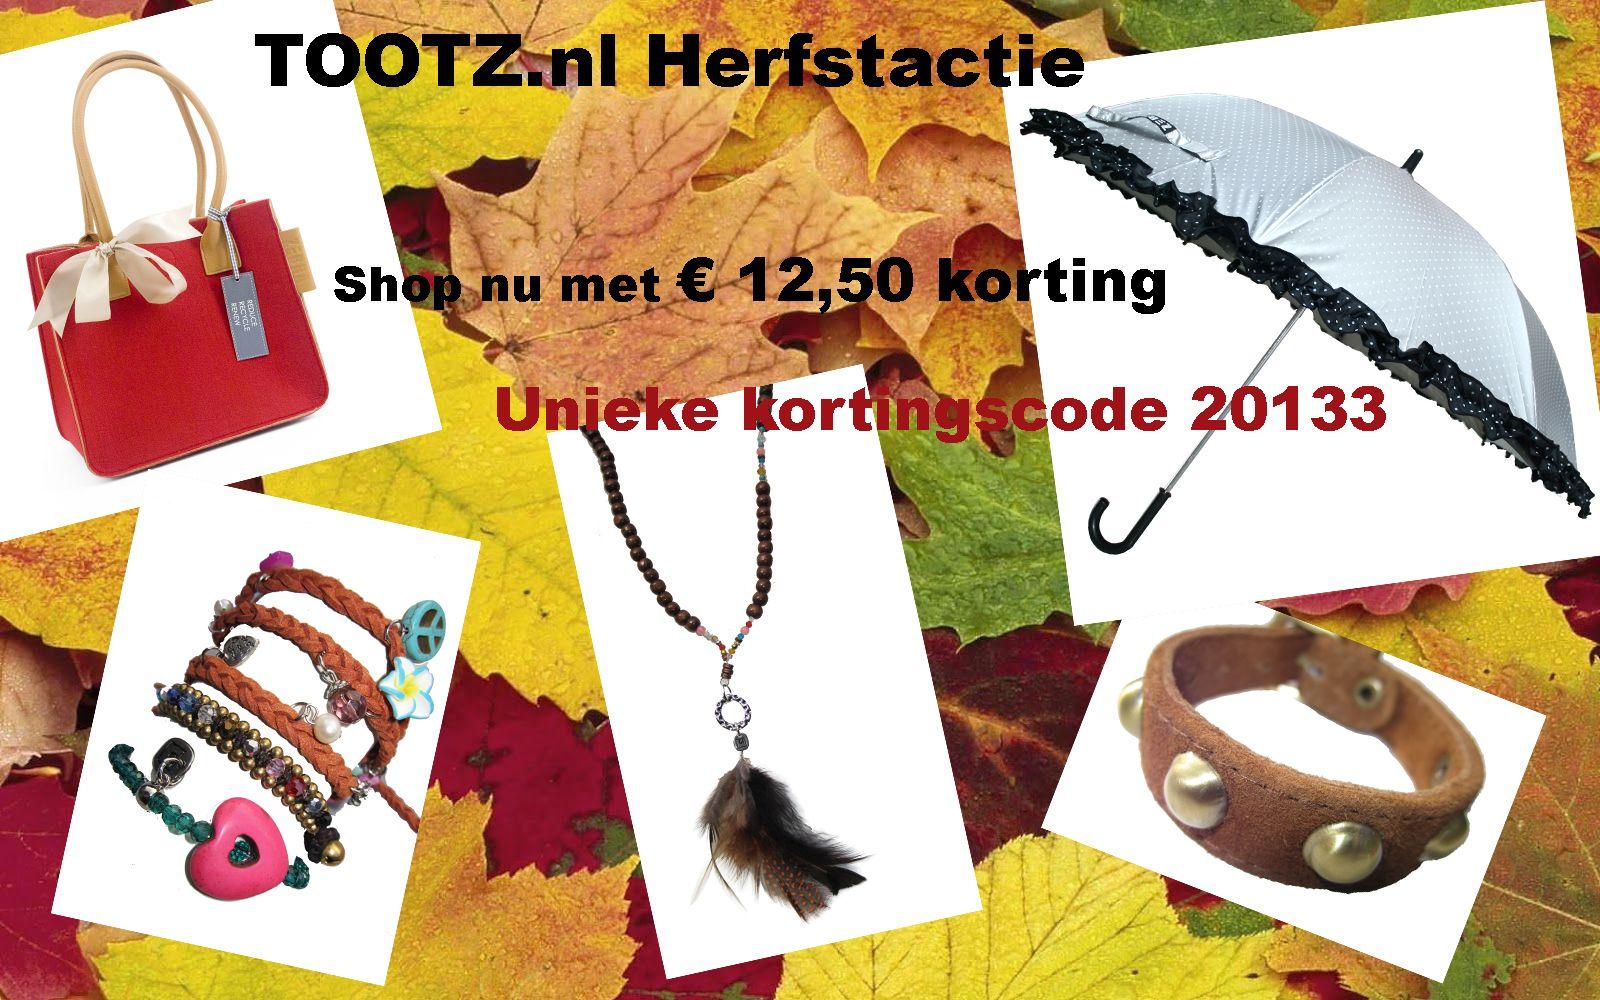 ##TOOTZ.nl Herfstactie ## € 12,50 KORTING op je aankoop!